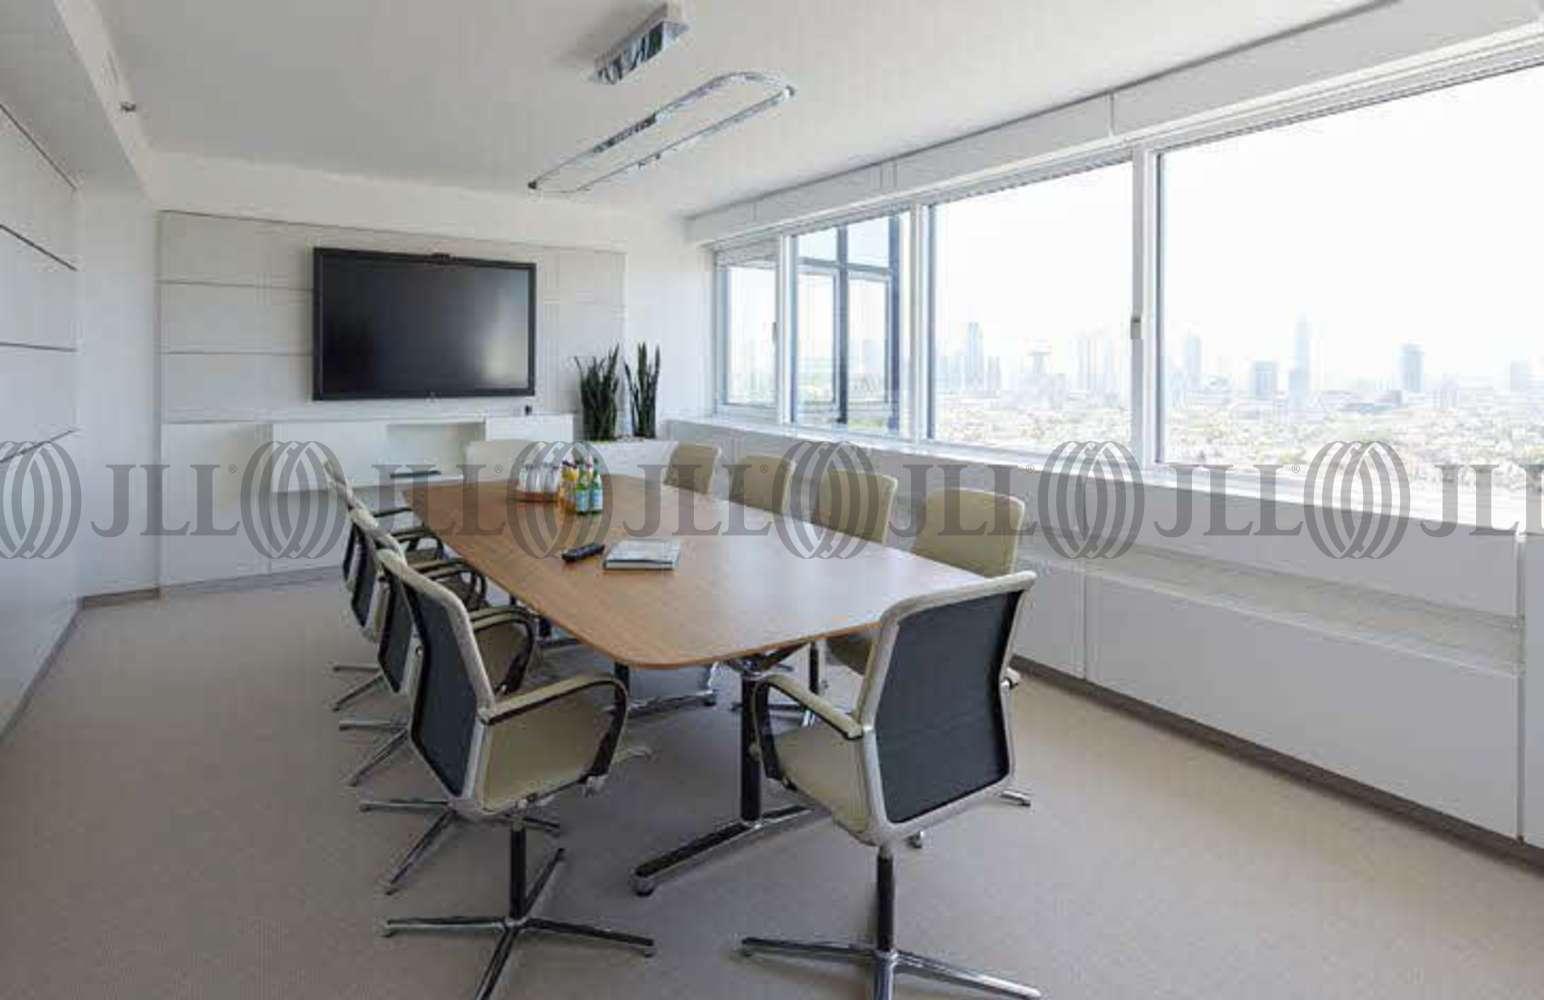 Büros Frankfurt am main, 60318 - Büro - Frankfurt am Main, Nordend-West - D0021 - 10566492